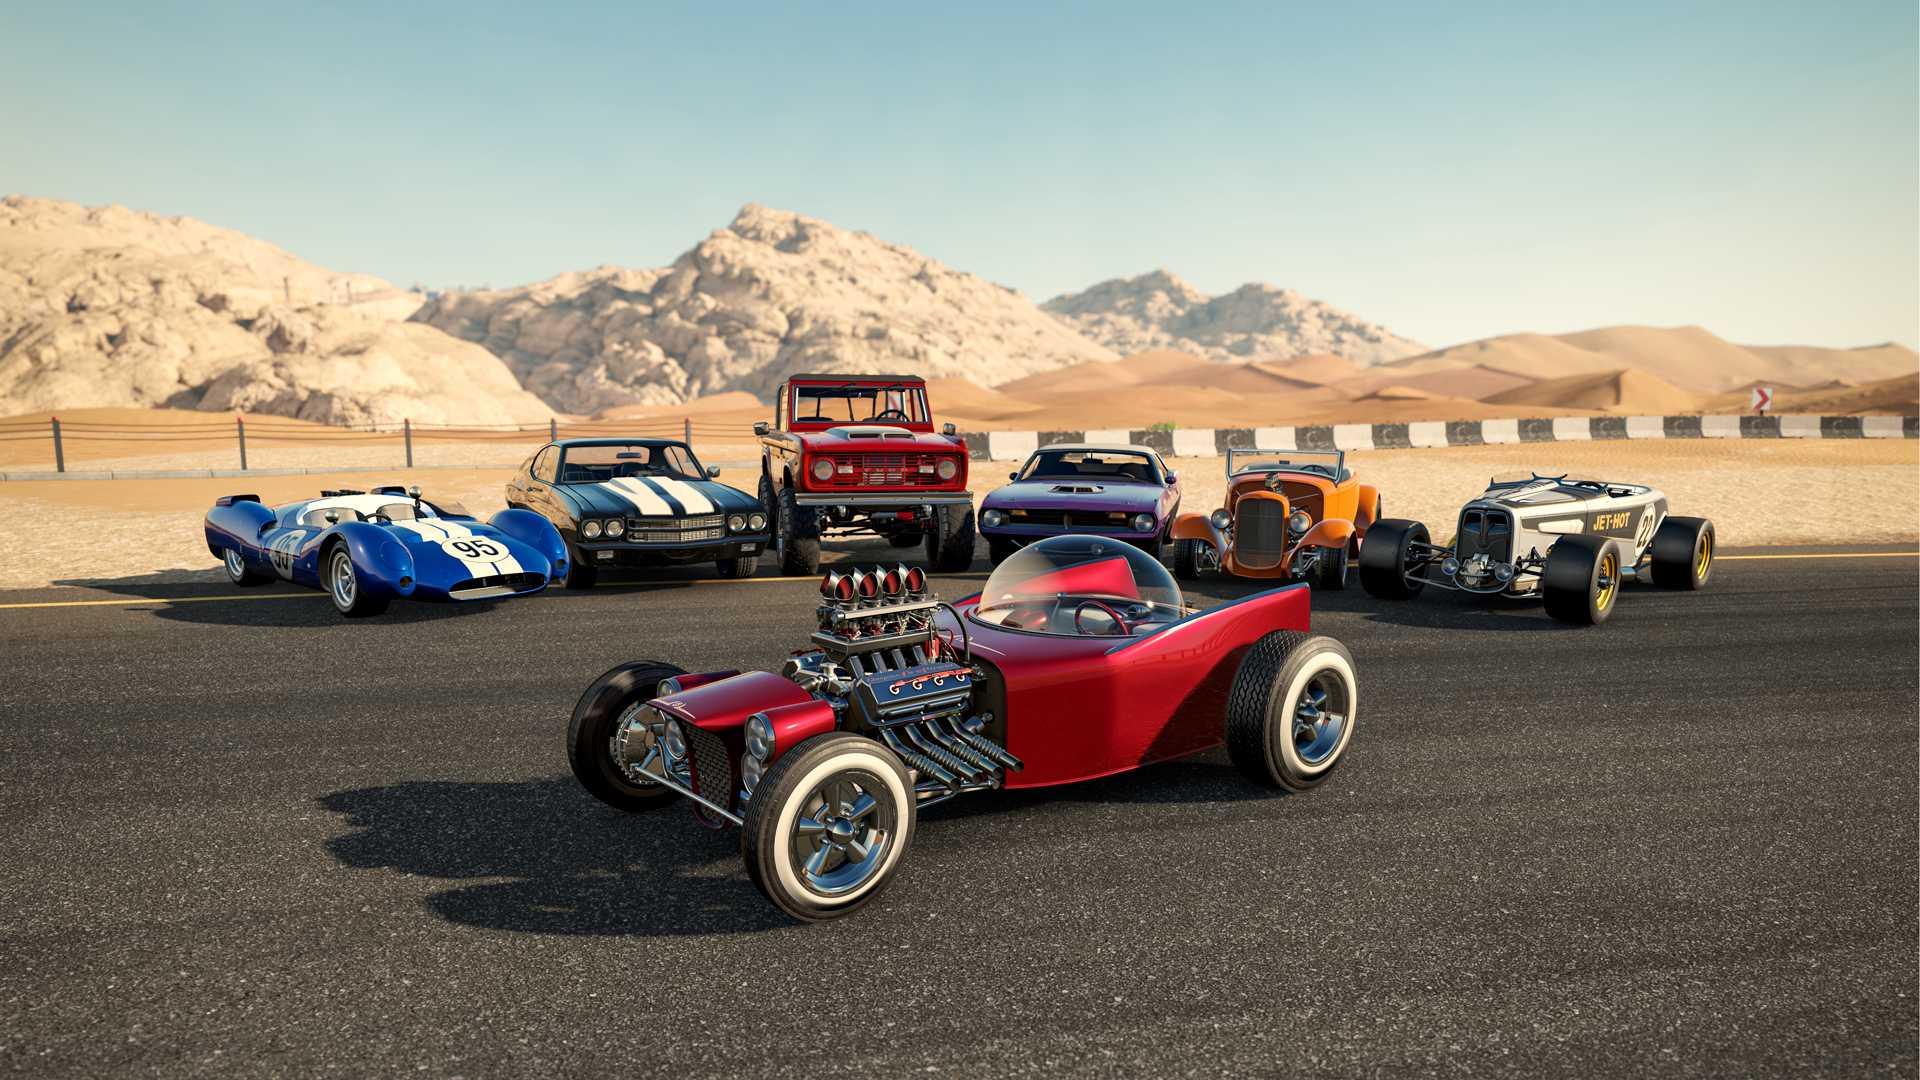 Forza Motorsport 7/Barrett-Jackson Car Pack